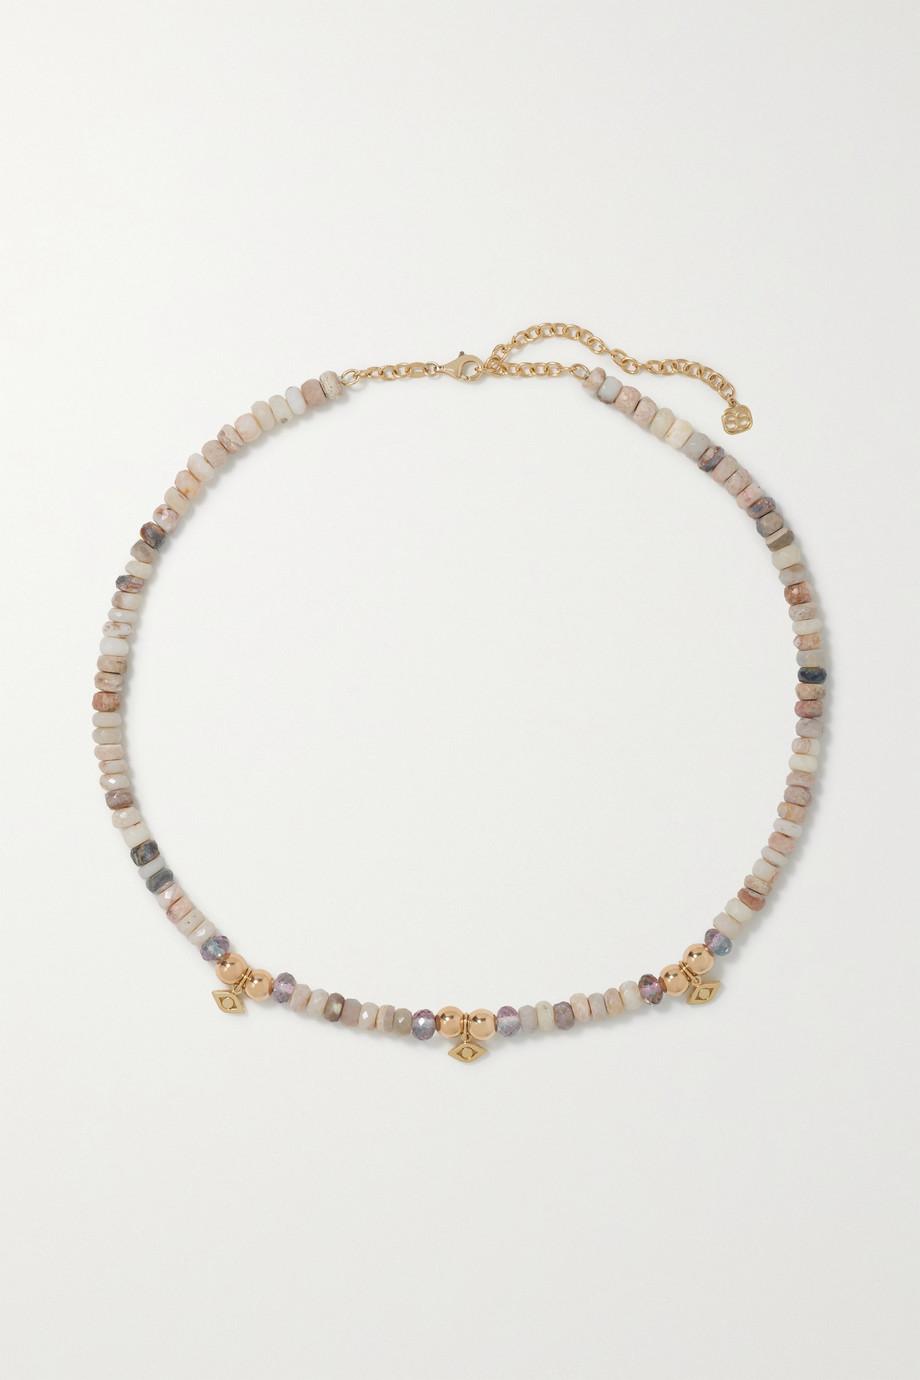 Sydney Evan Eternity small 14-karat gold opal and quartz necklace